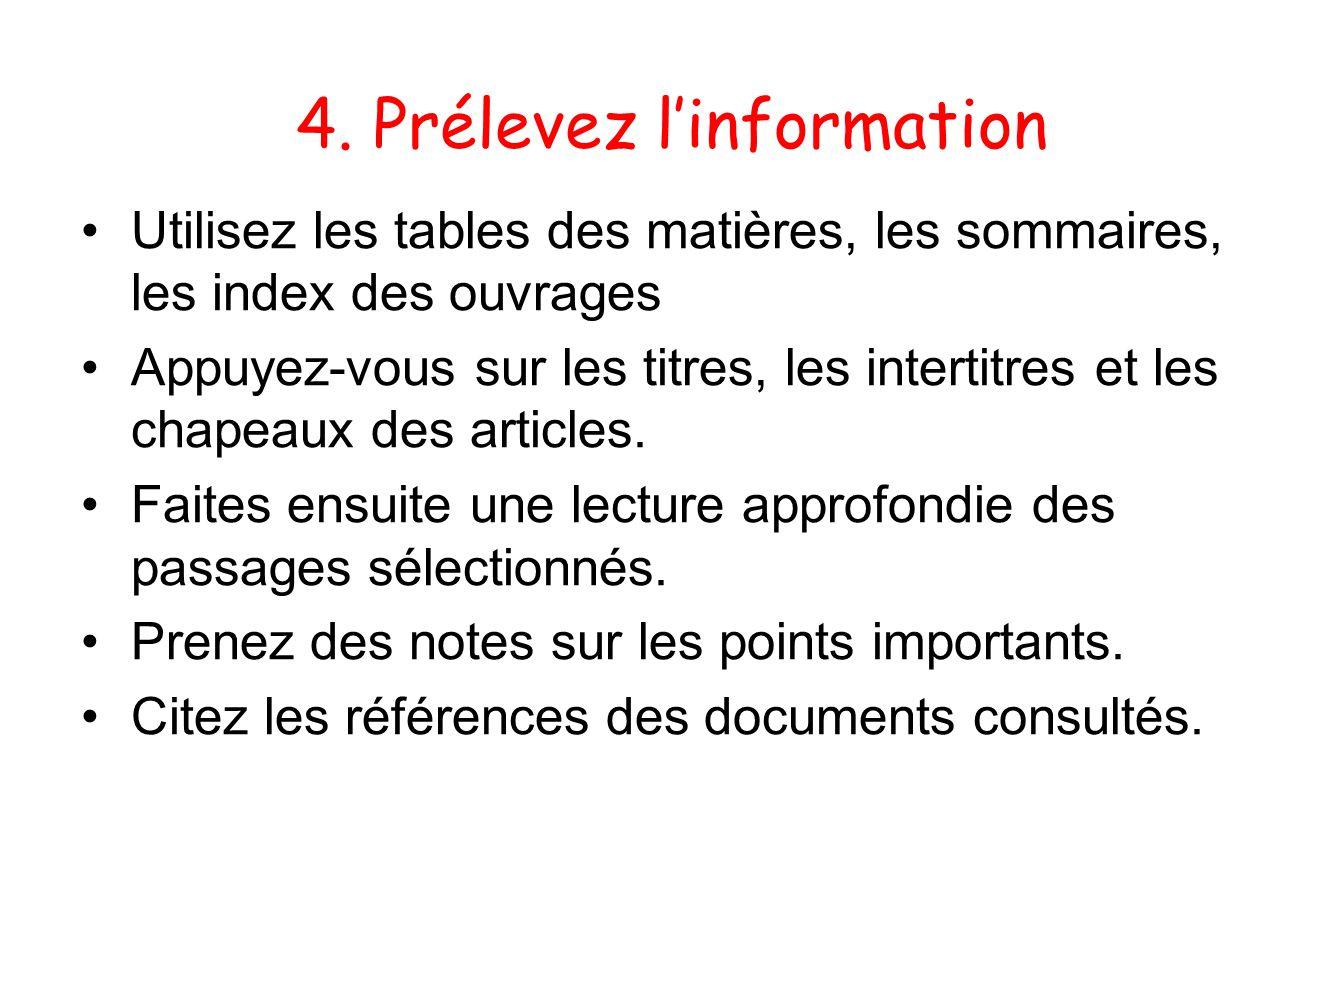 4. Prélevez l'information